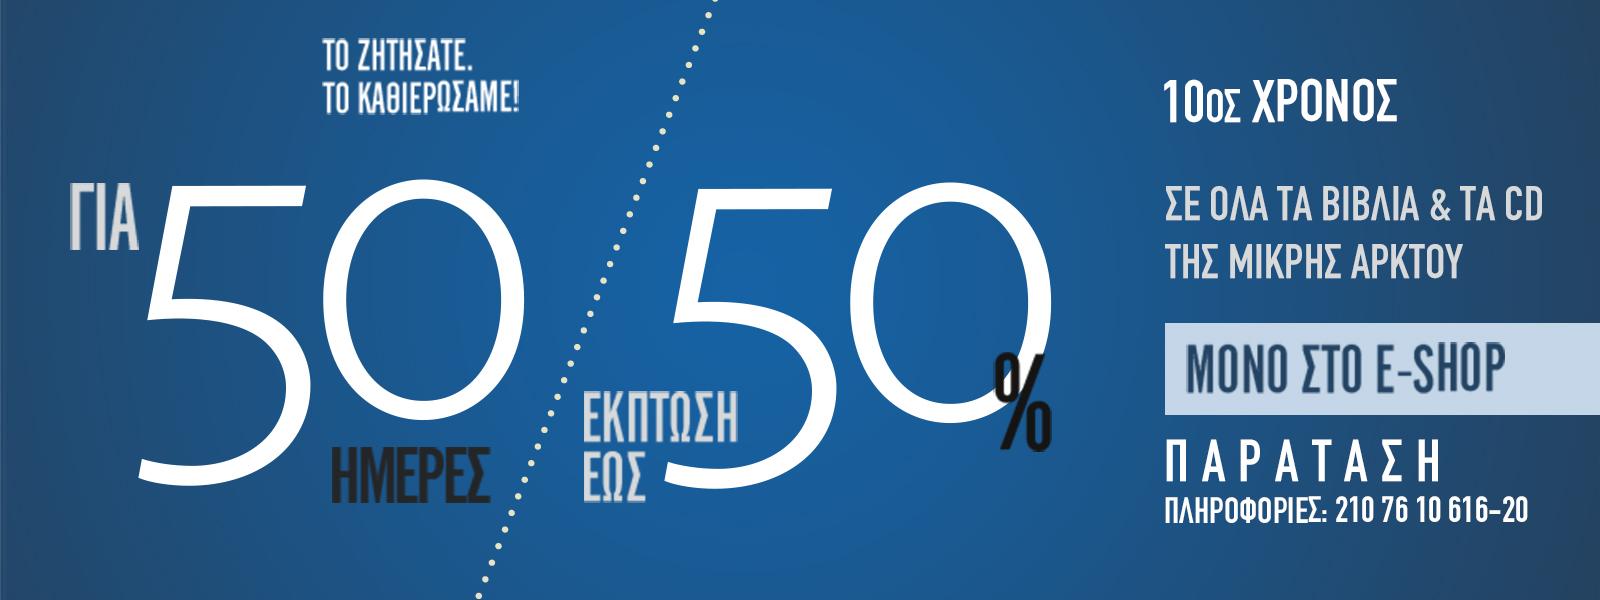 50-50-2020-autumn